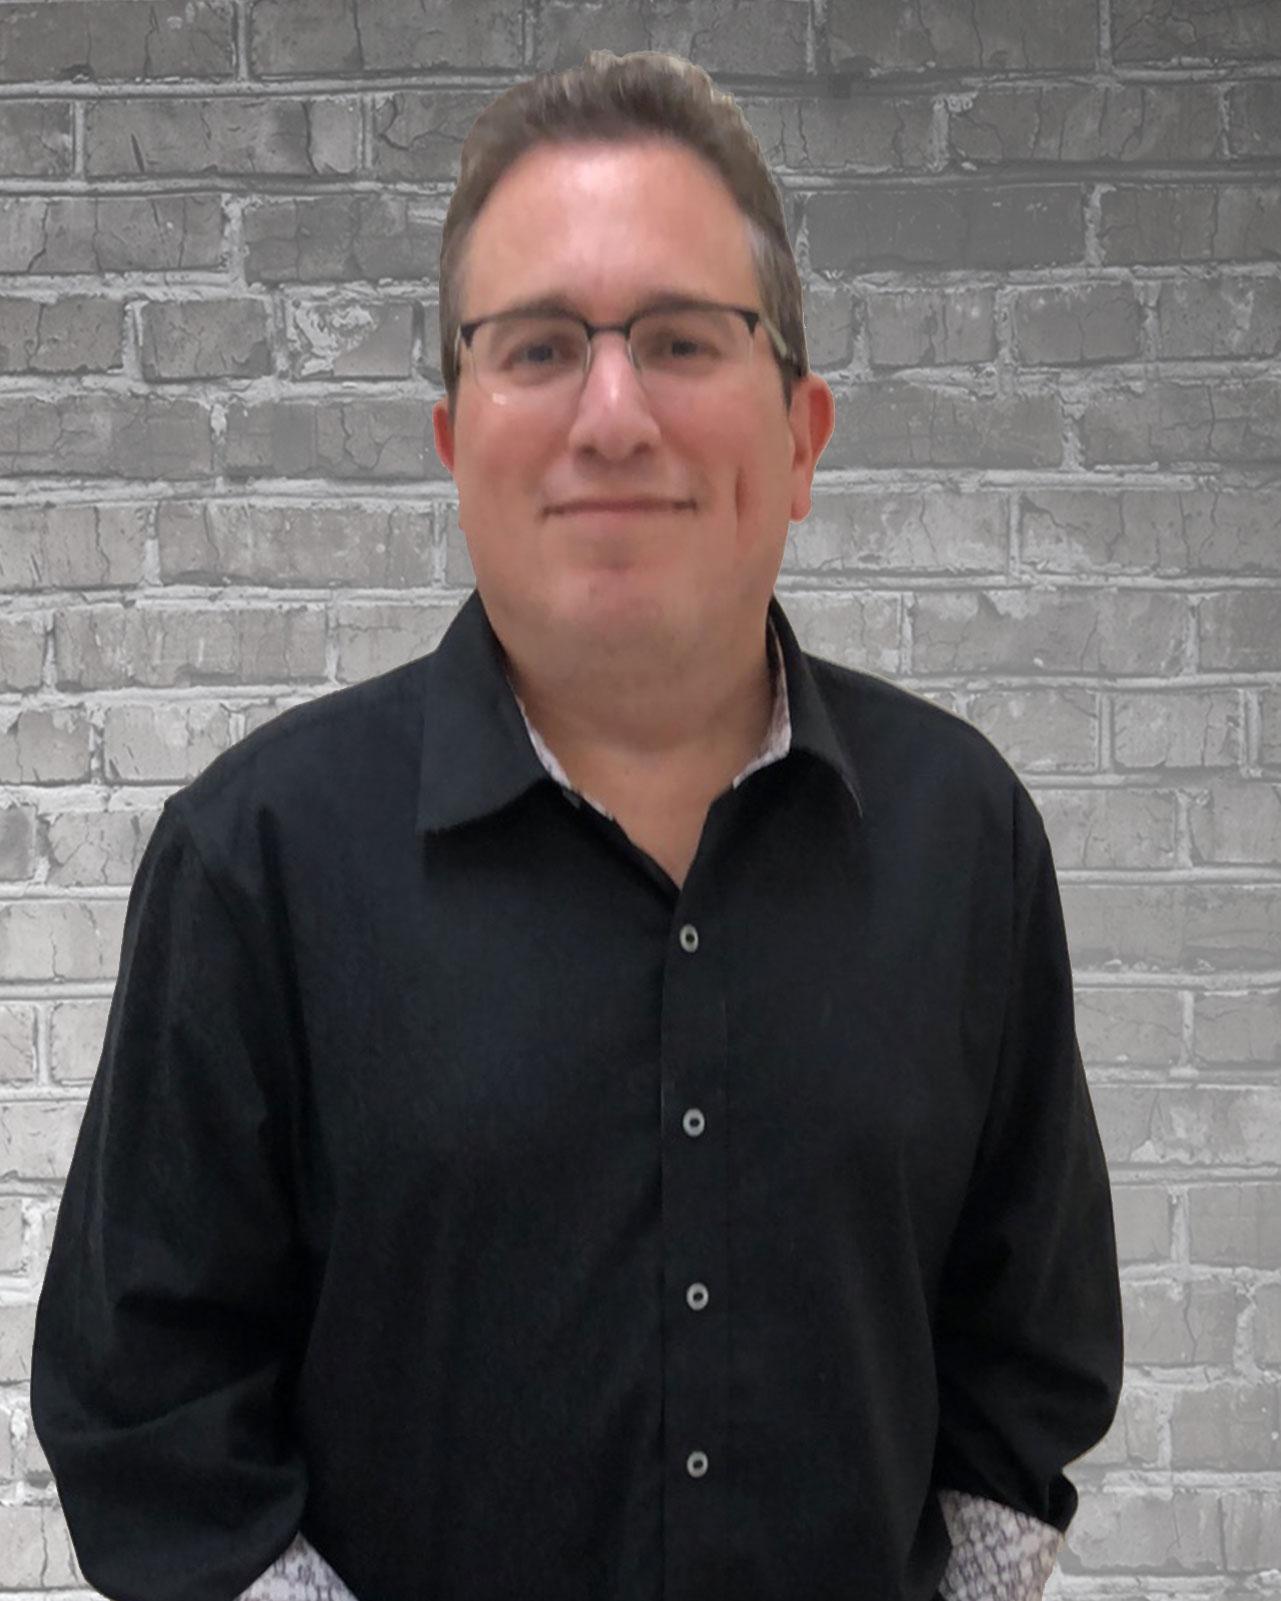 Adam Perkowsky